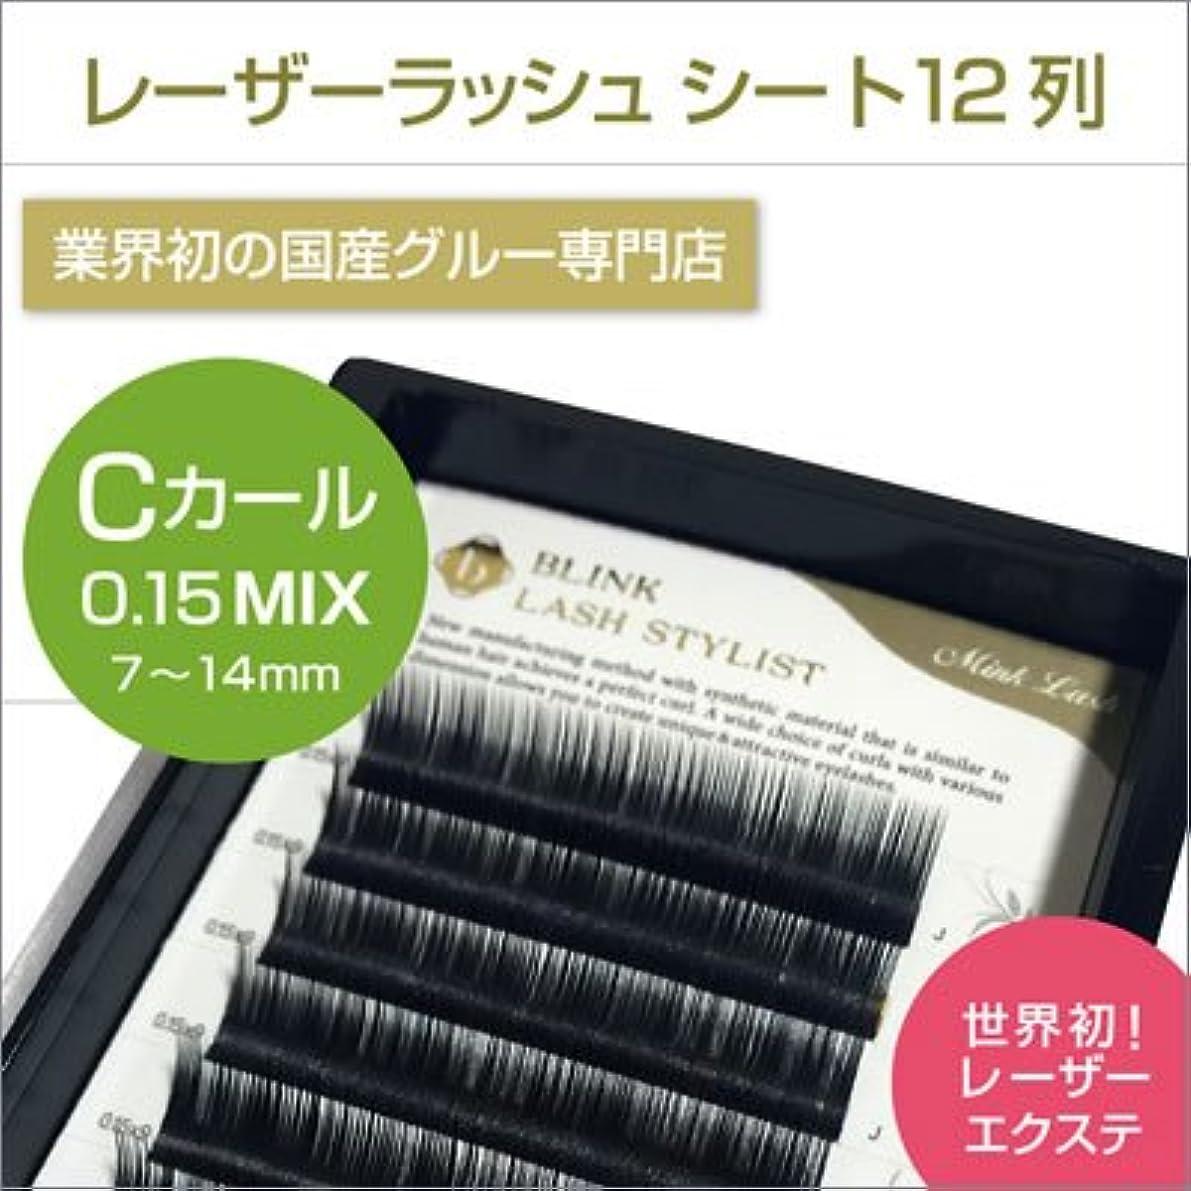 樹木目的見るorlo(オルロ) レーザーエクステ ミンクラッシュ MIX Cカール 0.15mm×7mm~14mm